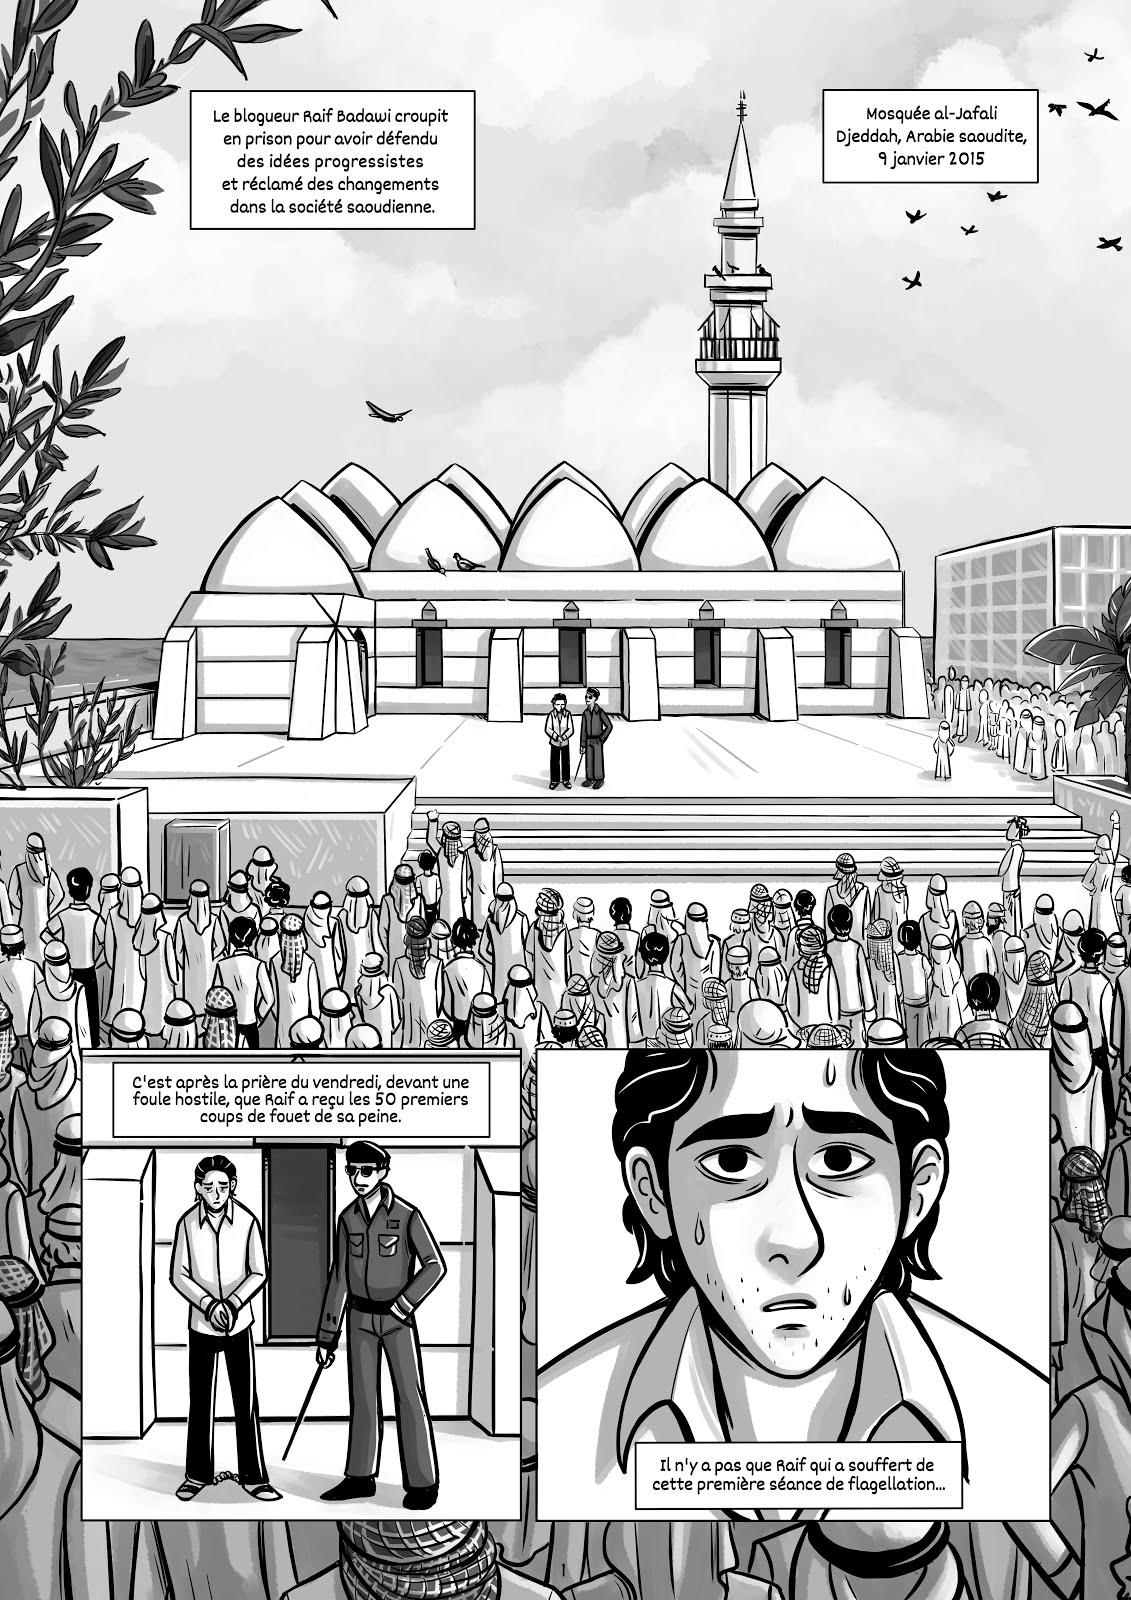 Raif Badawi - Rêver de liberté